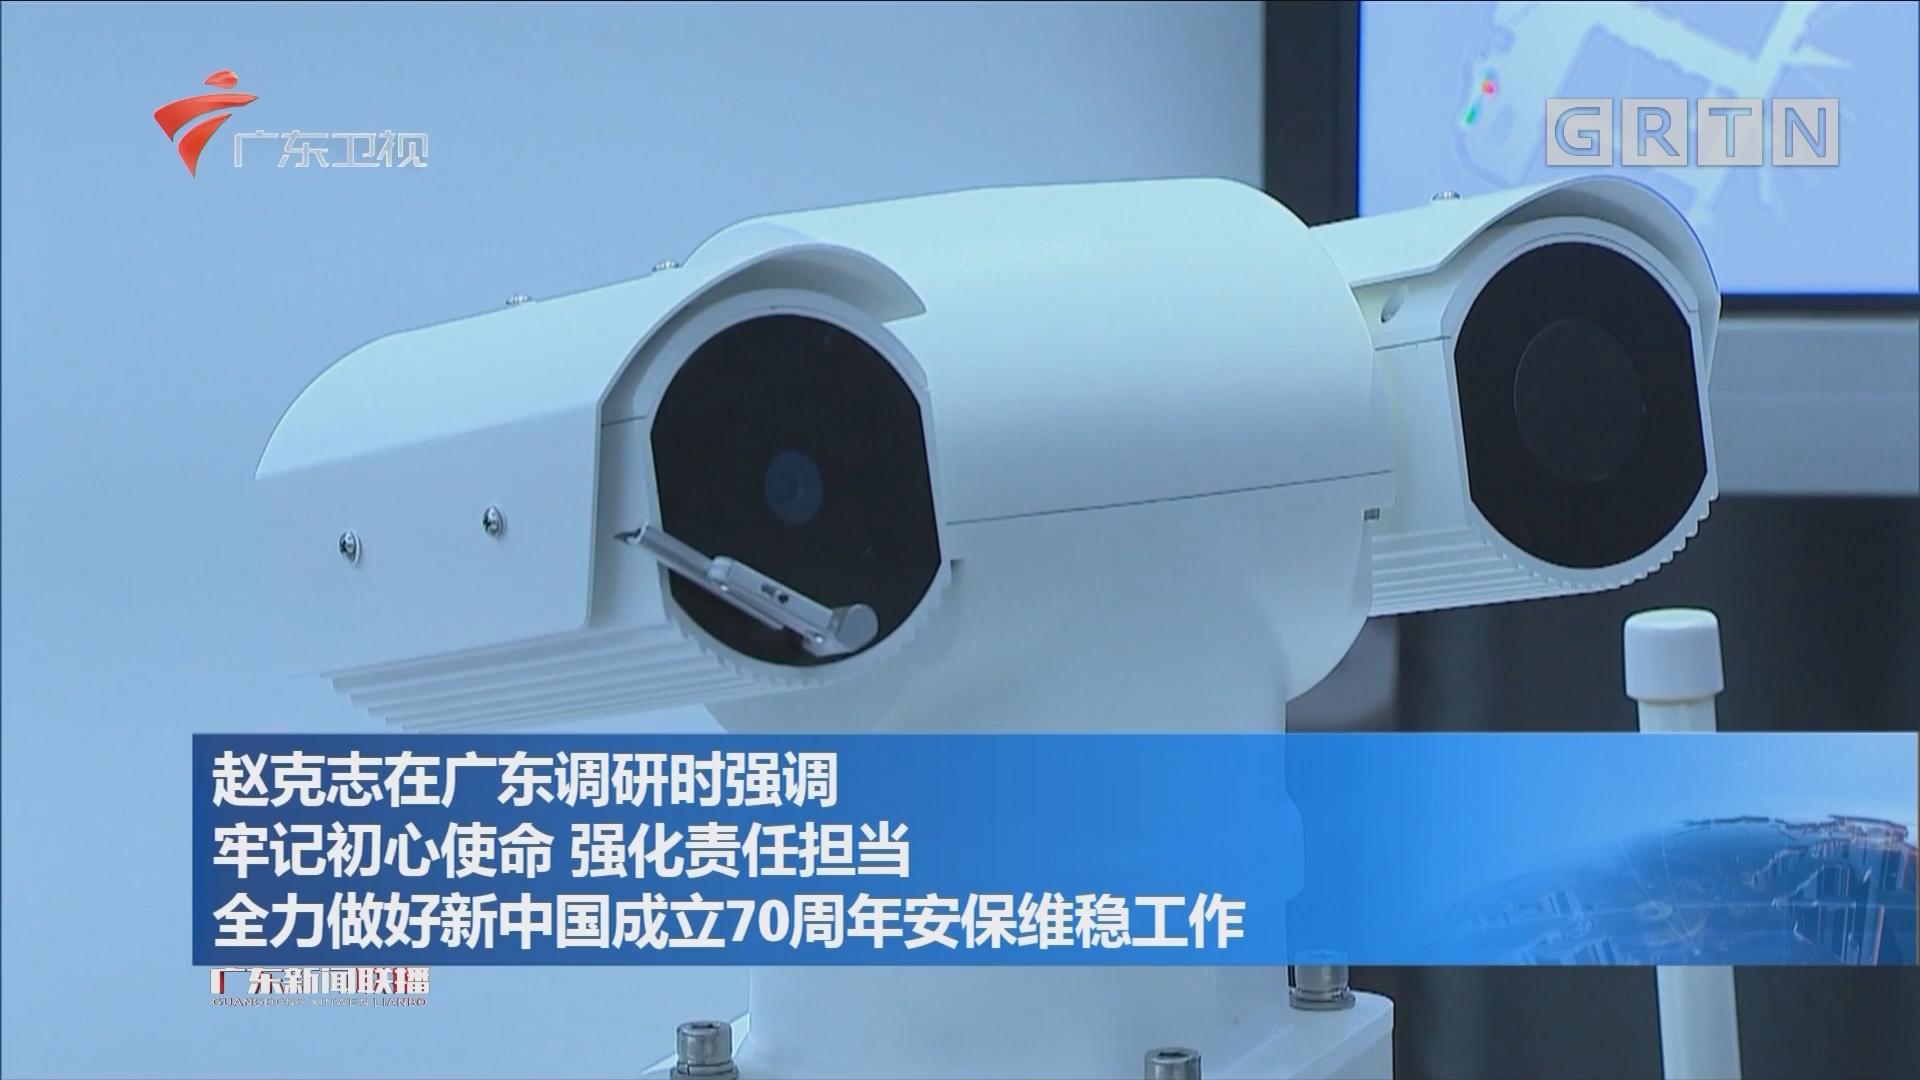 趙克志在廣東調研時強調 牢記初心使命 強化責任擔當 全力做好新中國成立70周年安保維穩工作